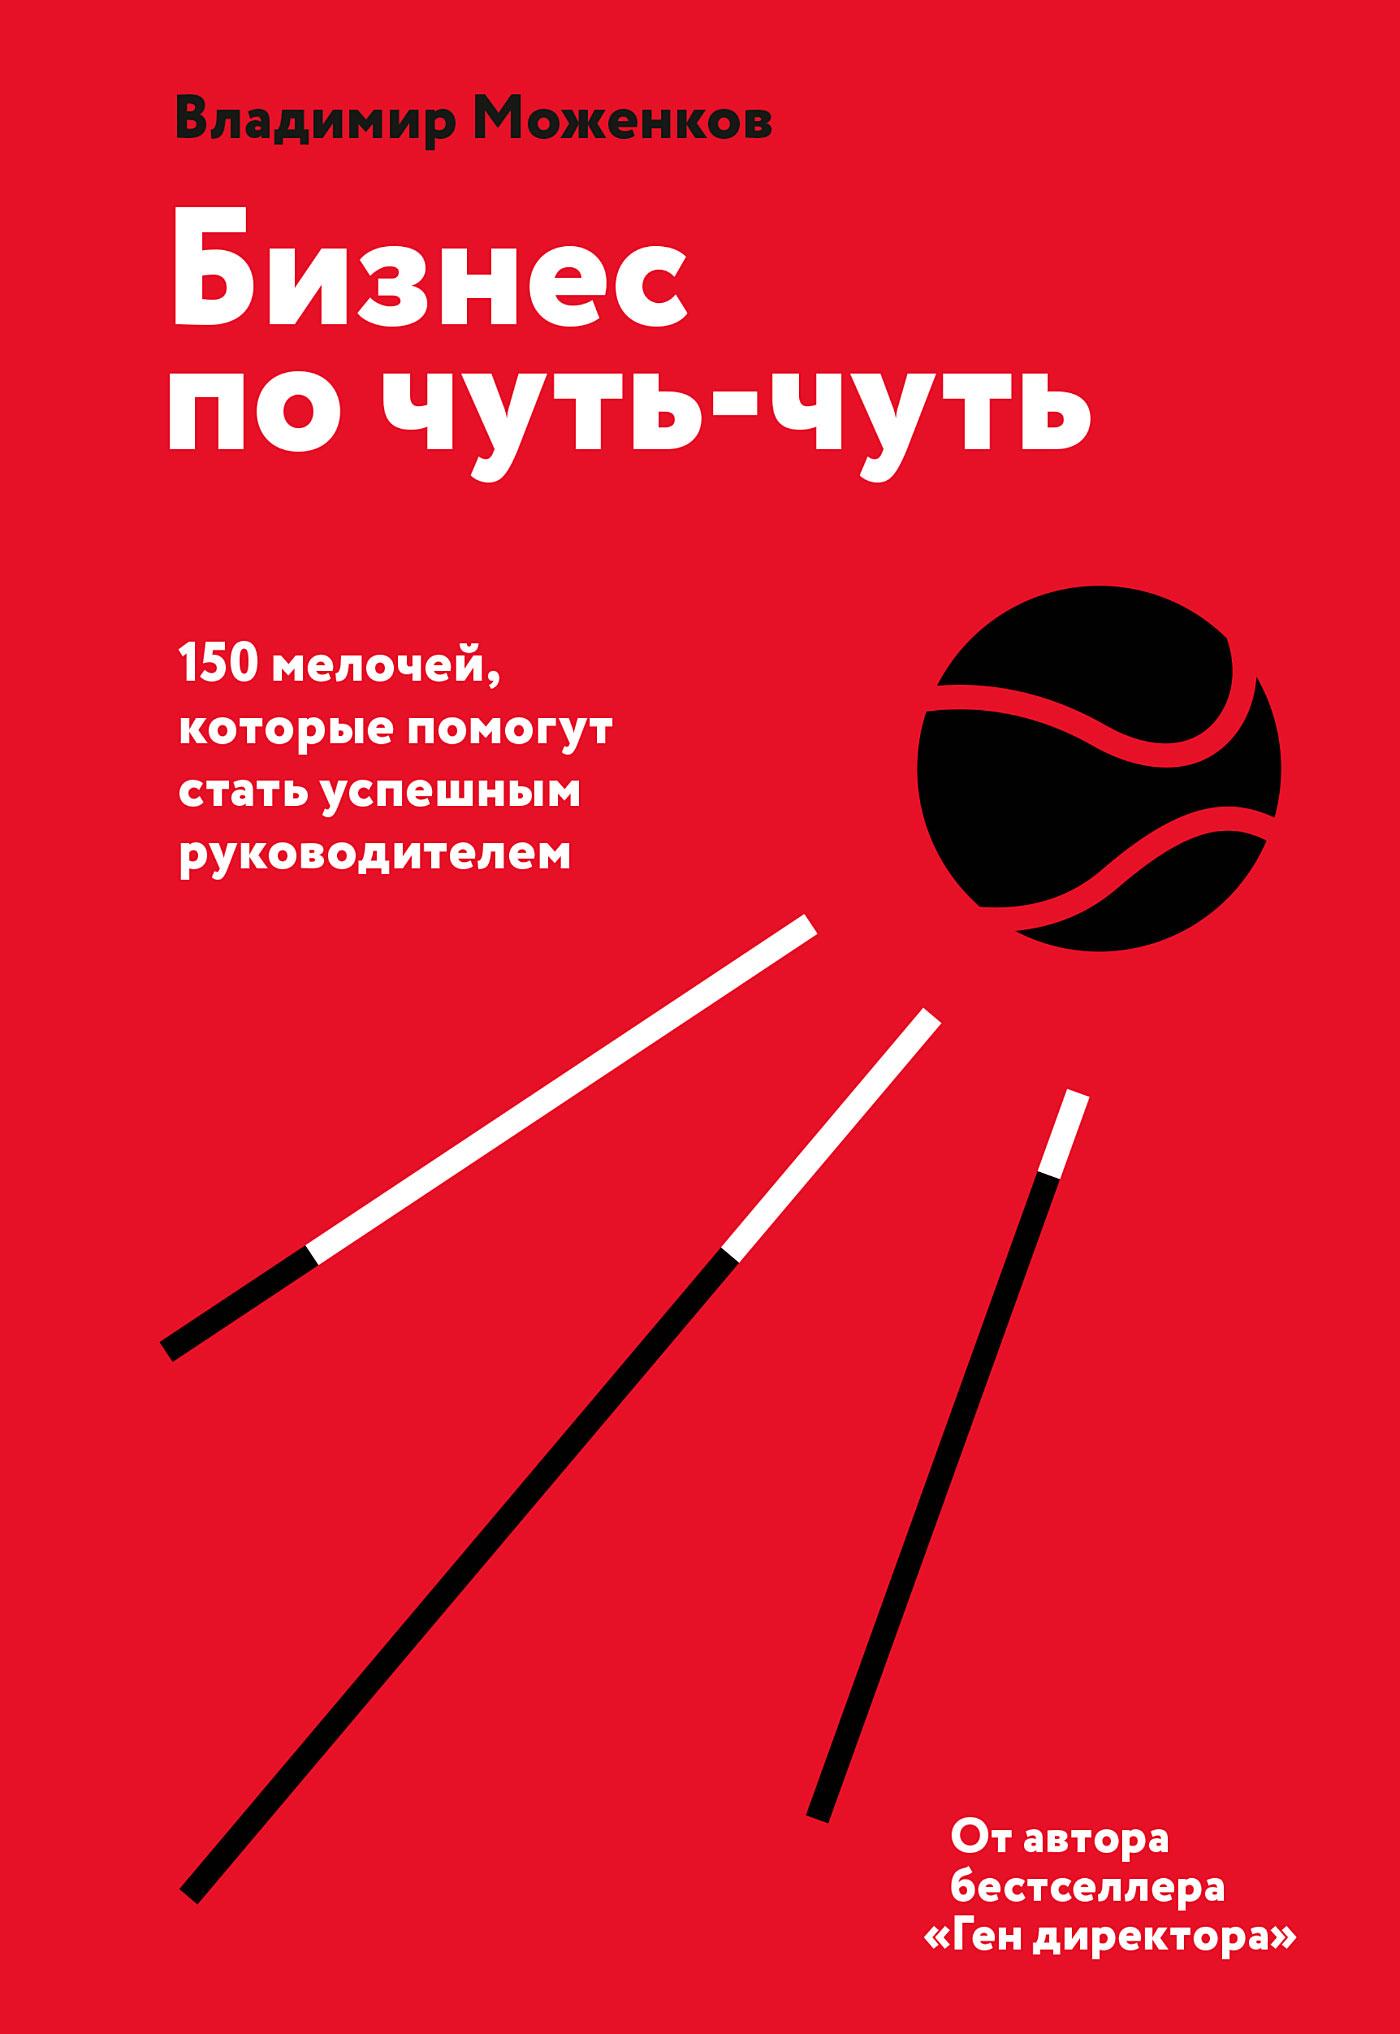 Купить книгу Бизнес по чуть-чуть, автора Владимира Моженкова